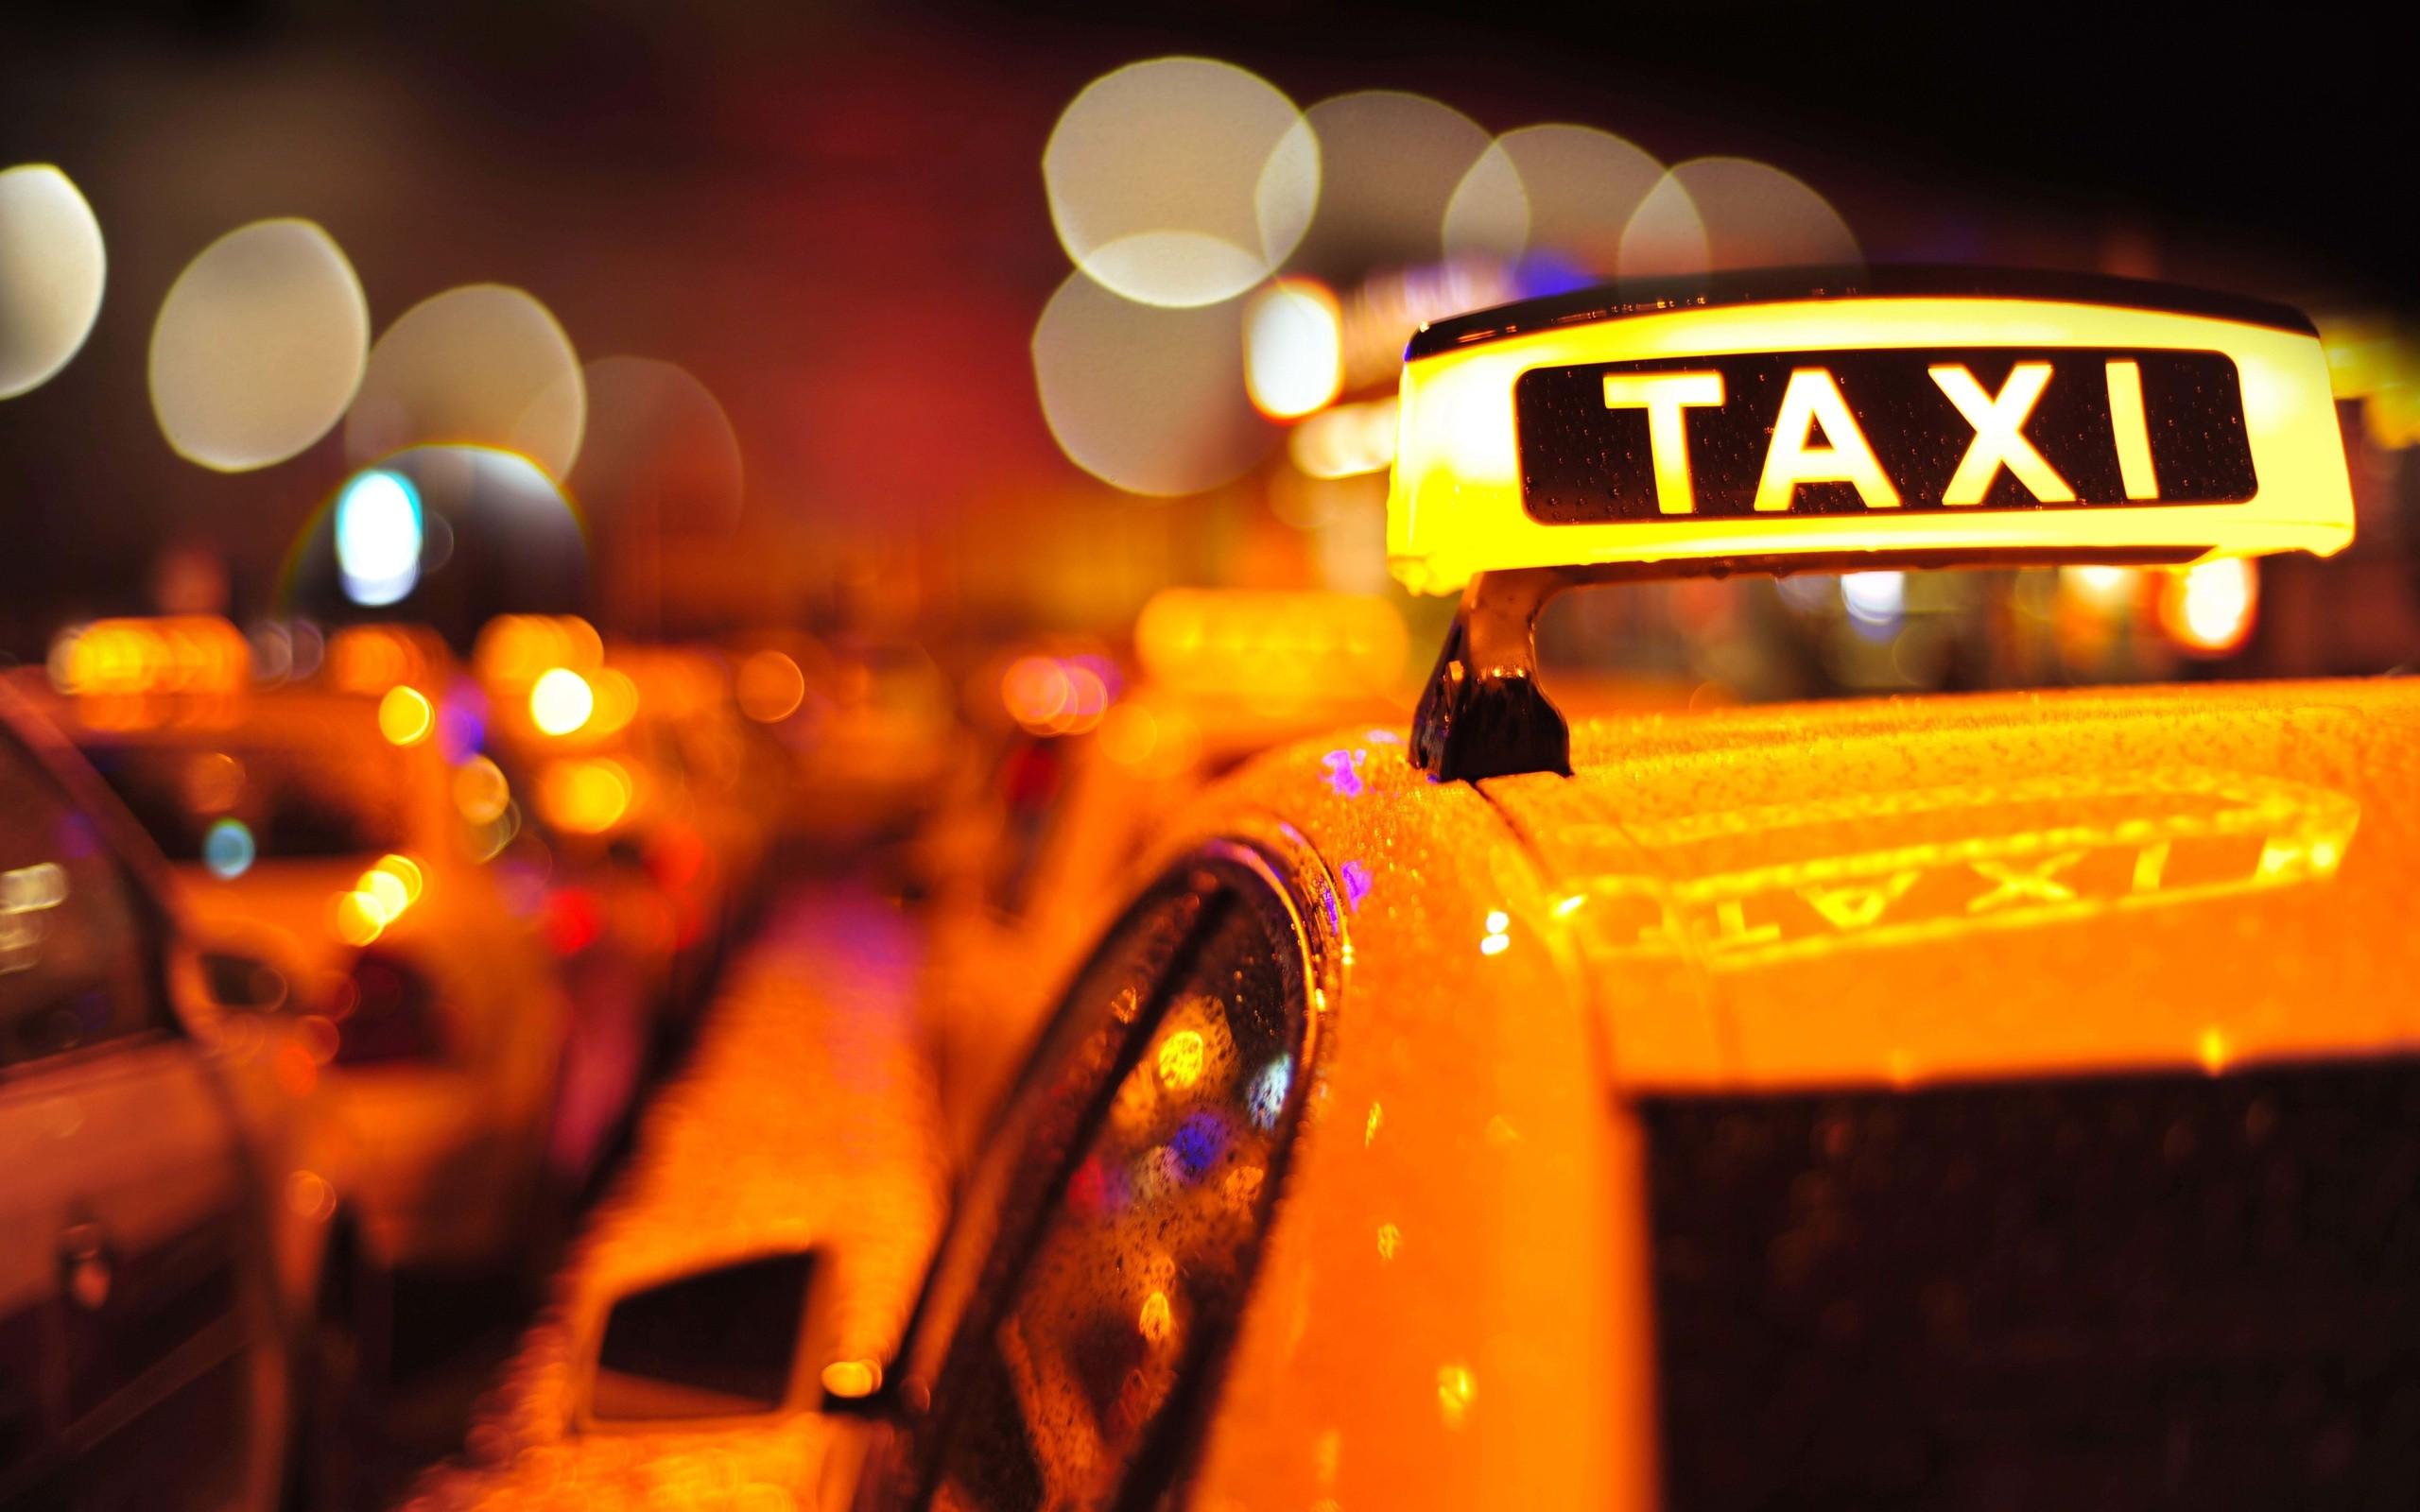 В столицеРФ задержали таксиста-клофелинщика